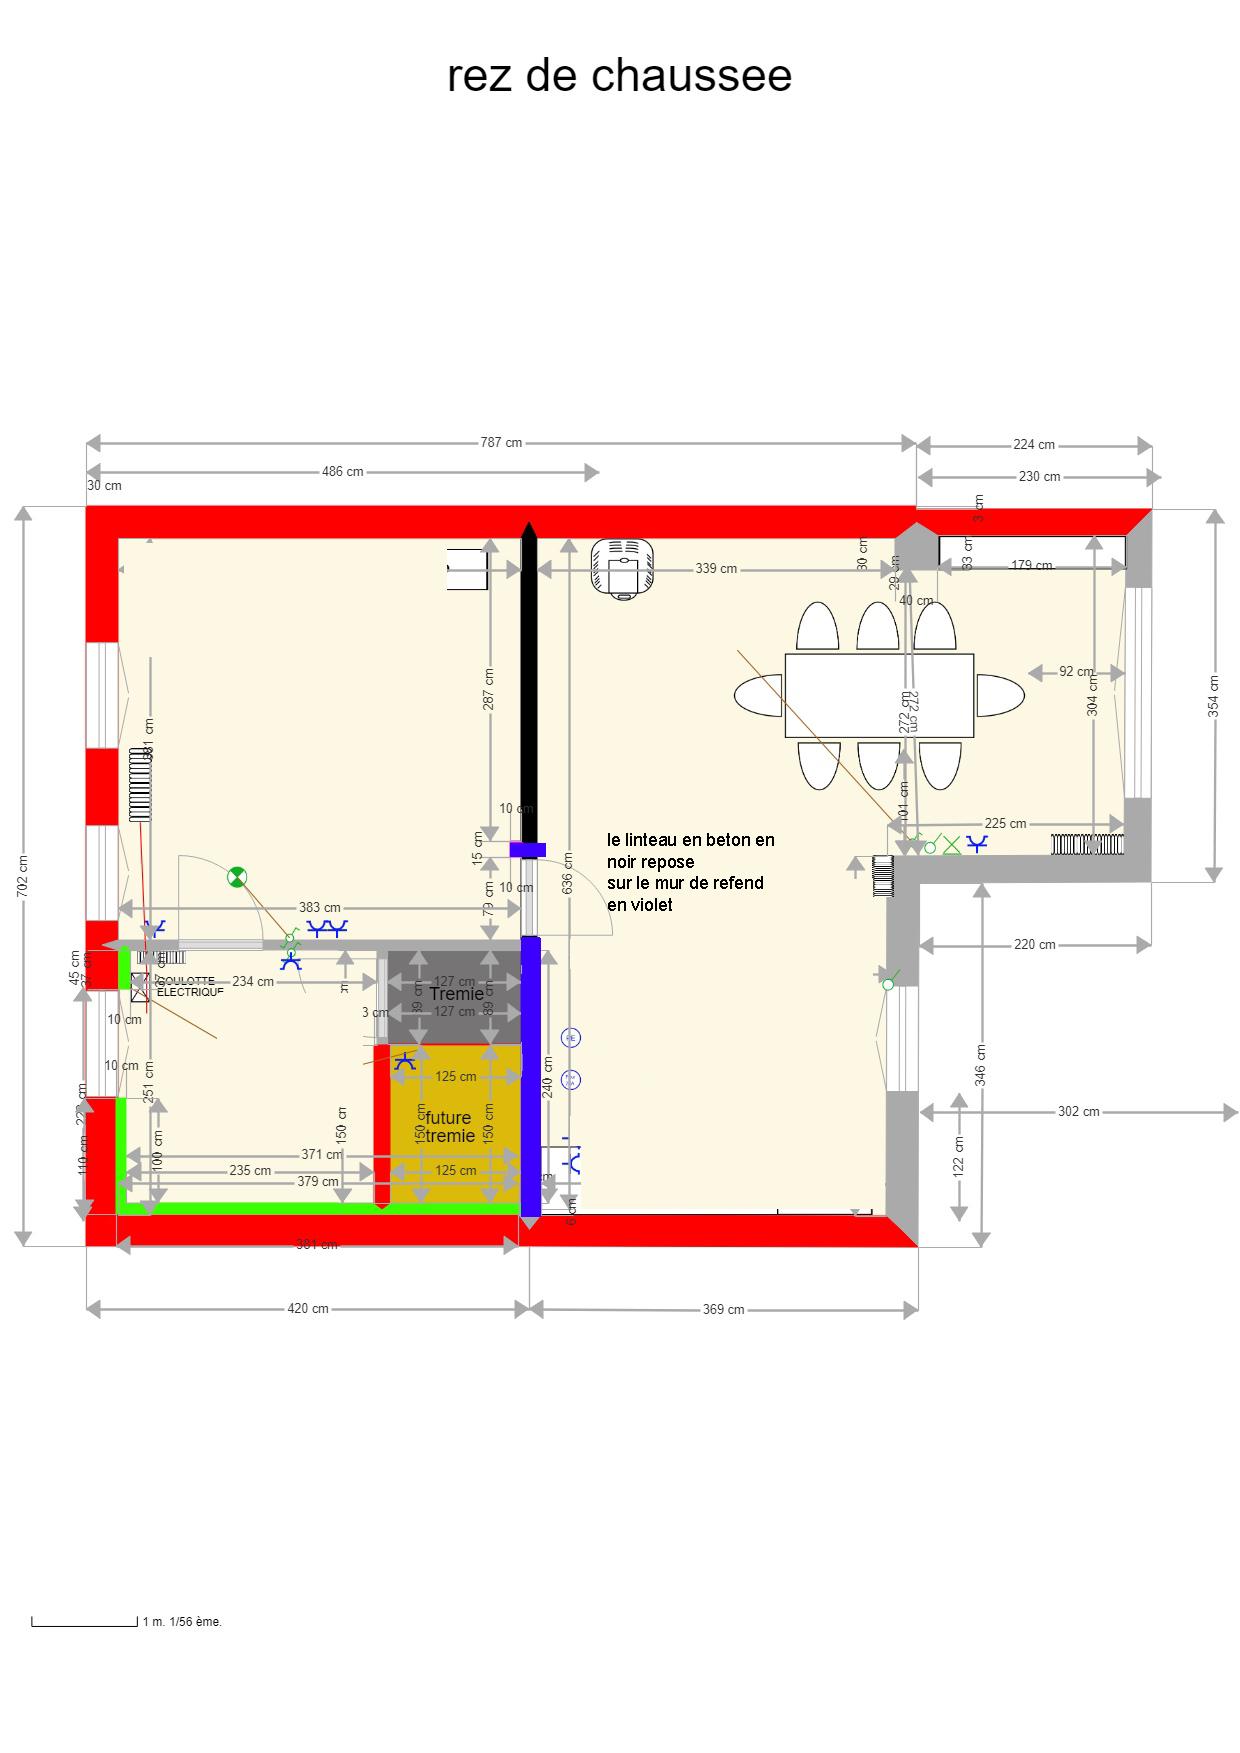 Plan De Travail Bois 280 forum bois : besoin d'un complément d'information sur un